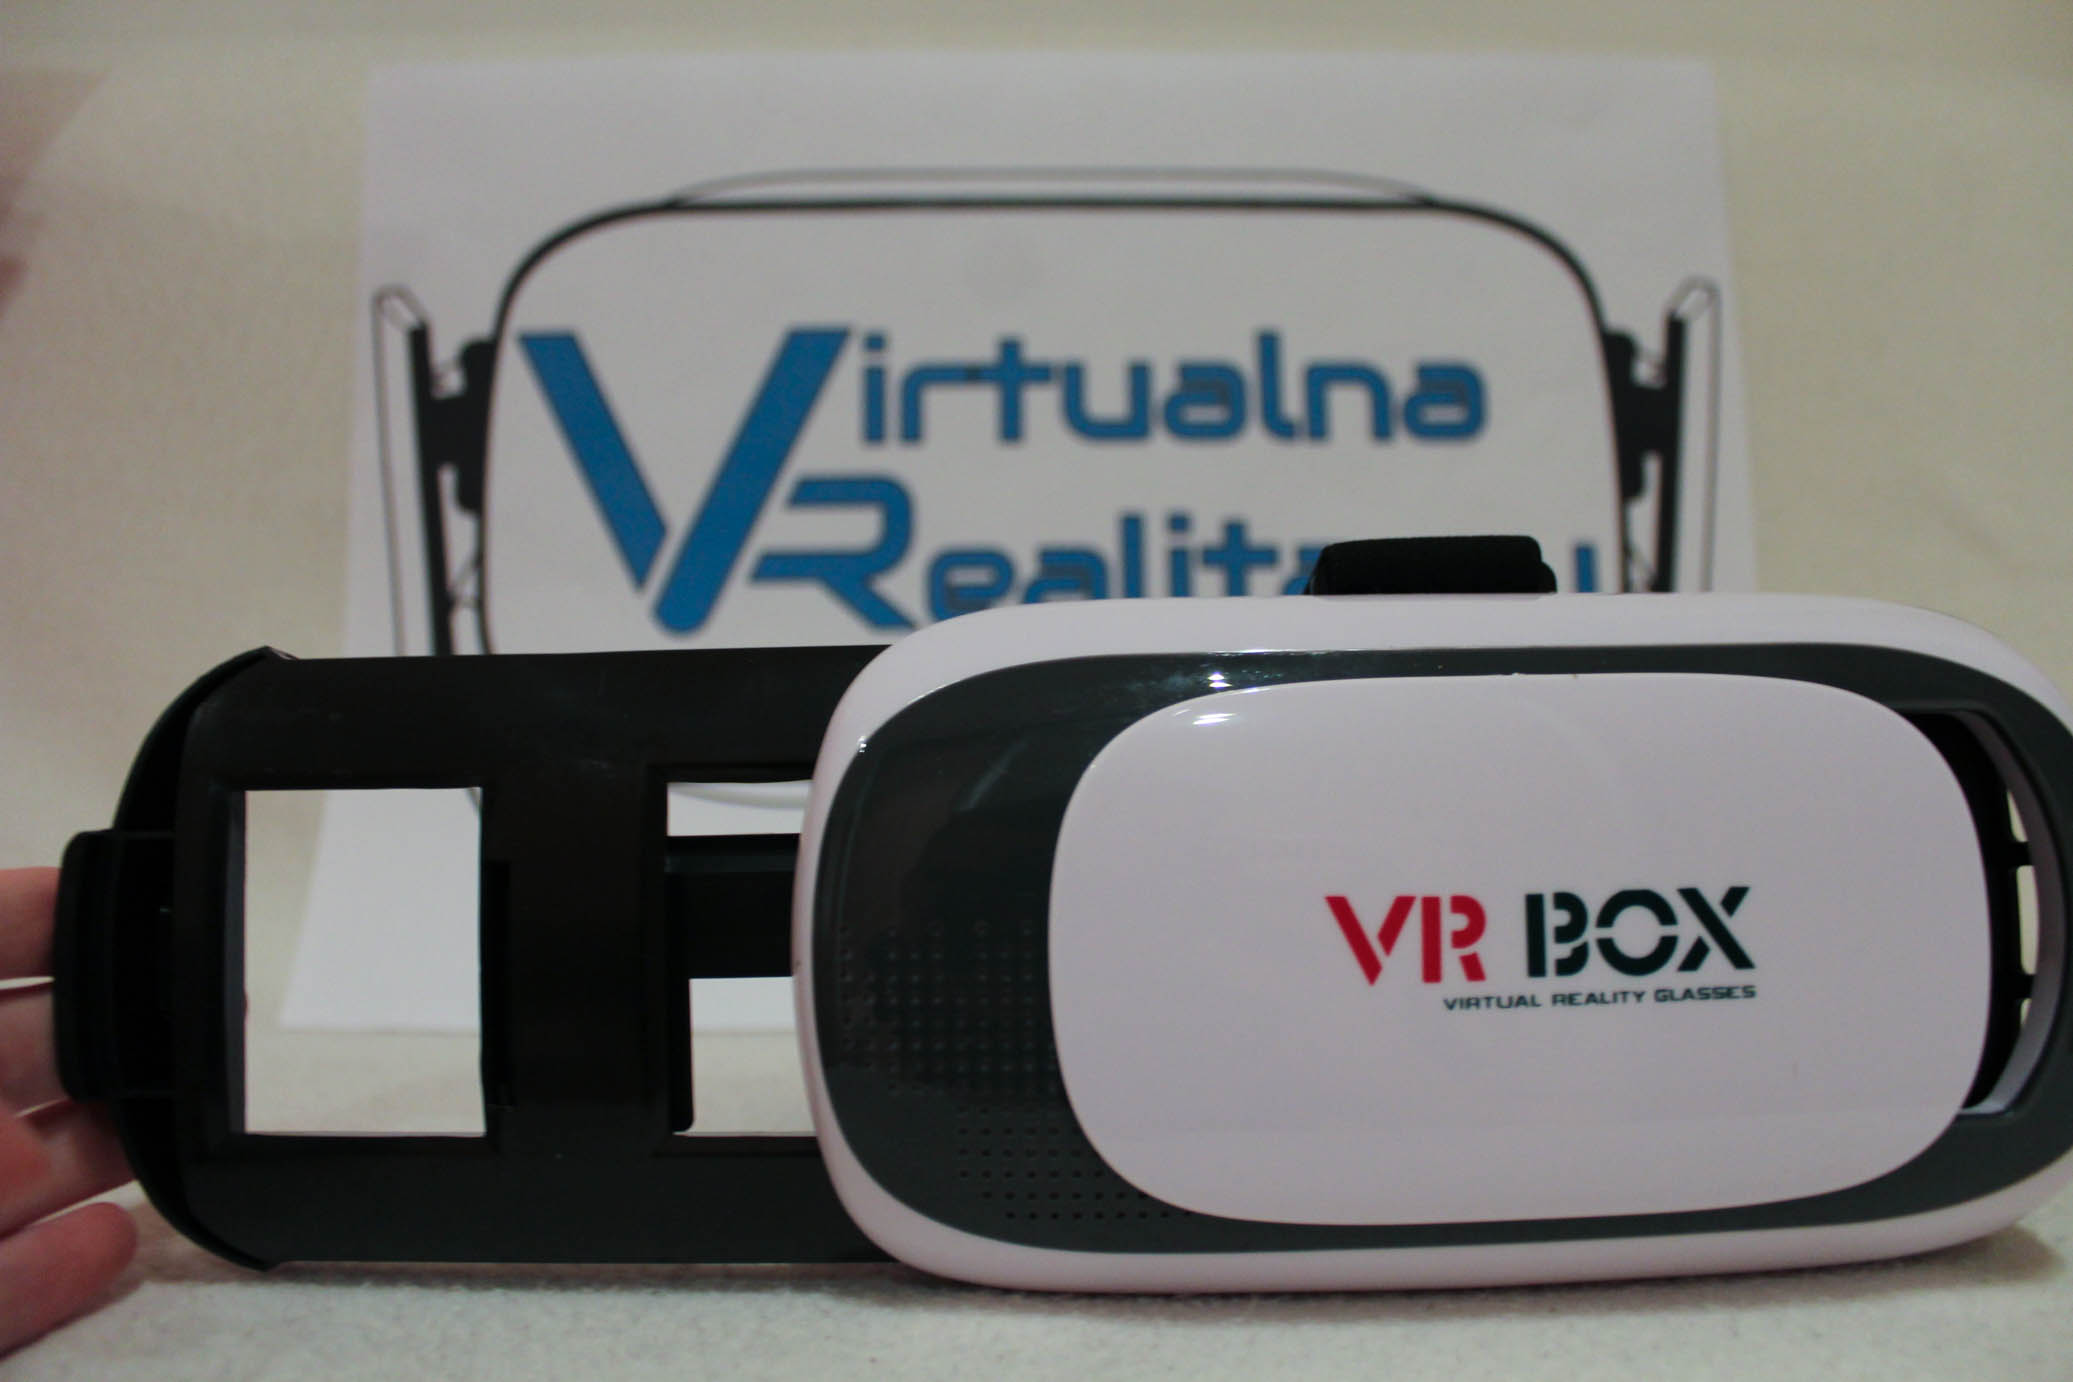 VR BOX 2.0 je jeden z najpredávanejších headsetov pre mobilnú VR df80b6b5442